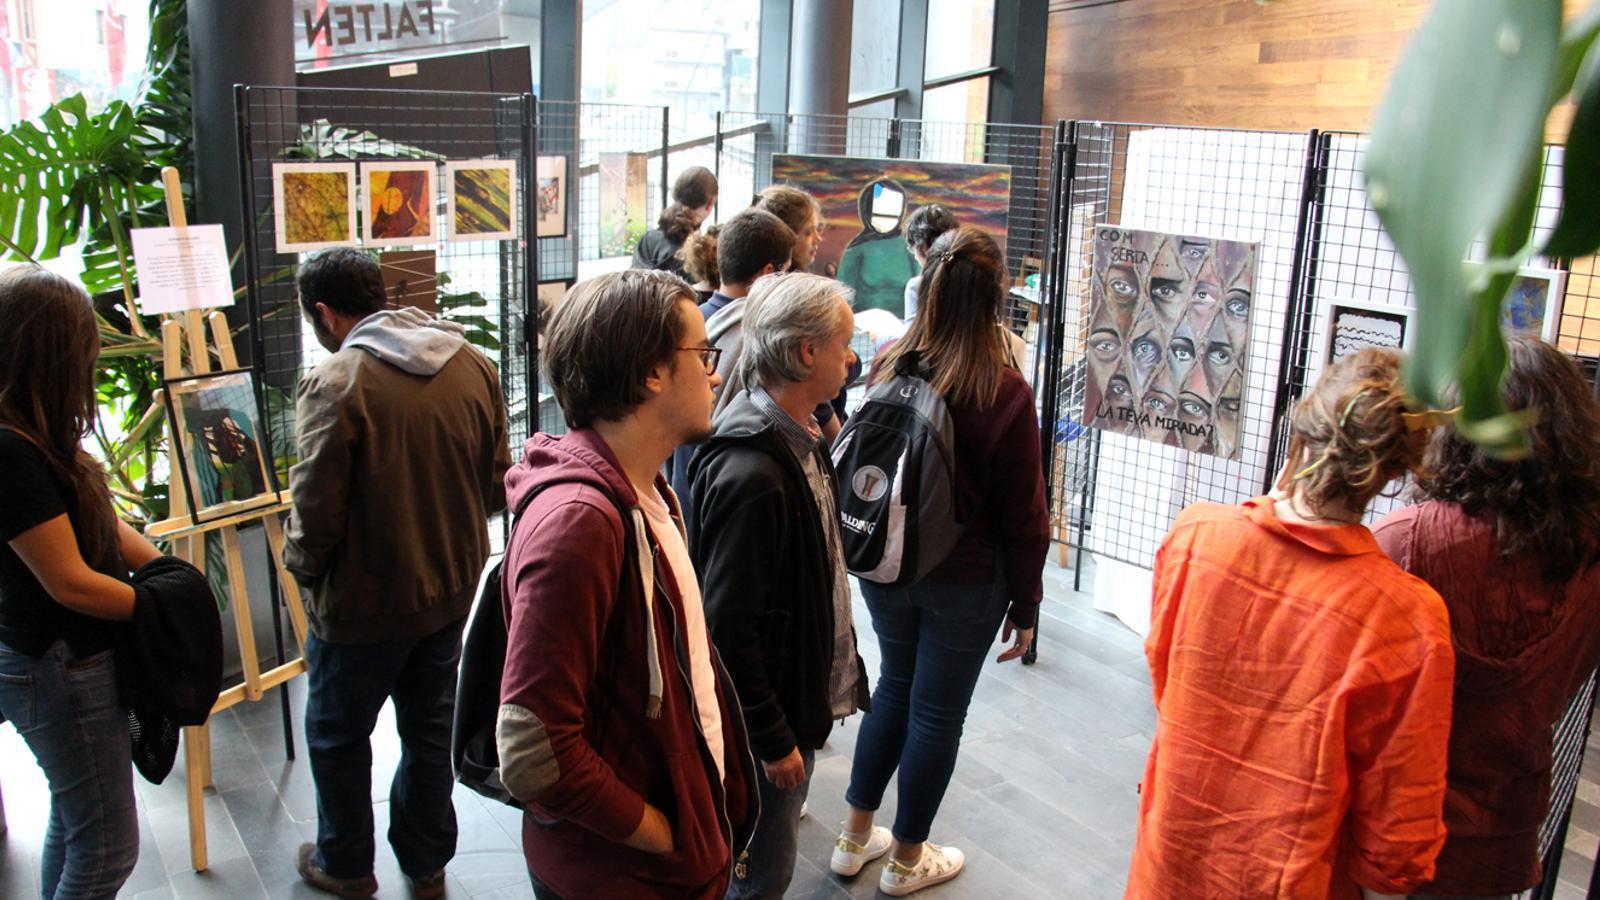 L'Oficina de Turisme de la Massana va acollir al setembre una exposició solidària amb una bona acollida. / M. M. (ANA)